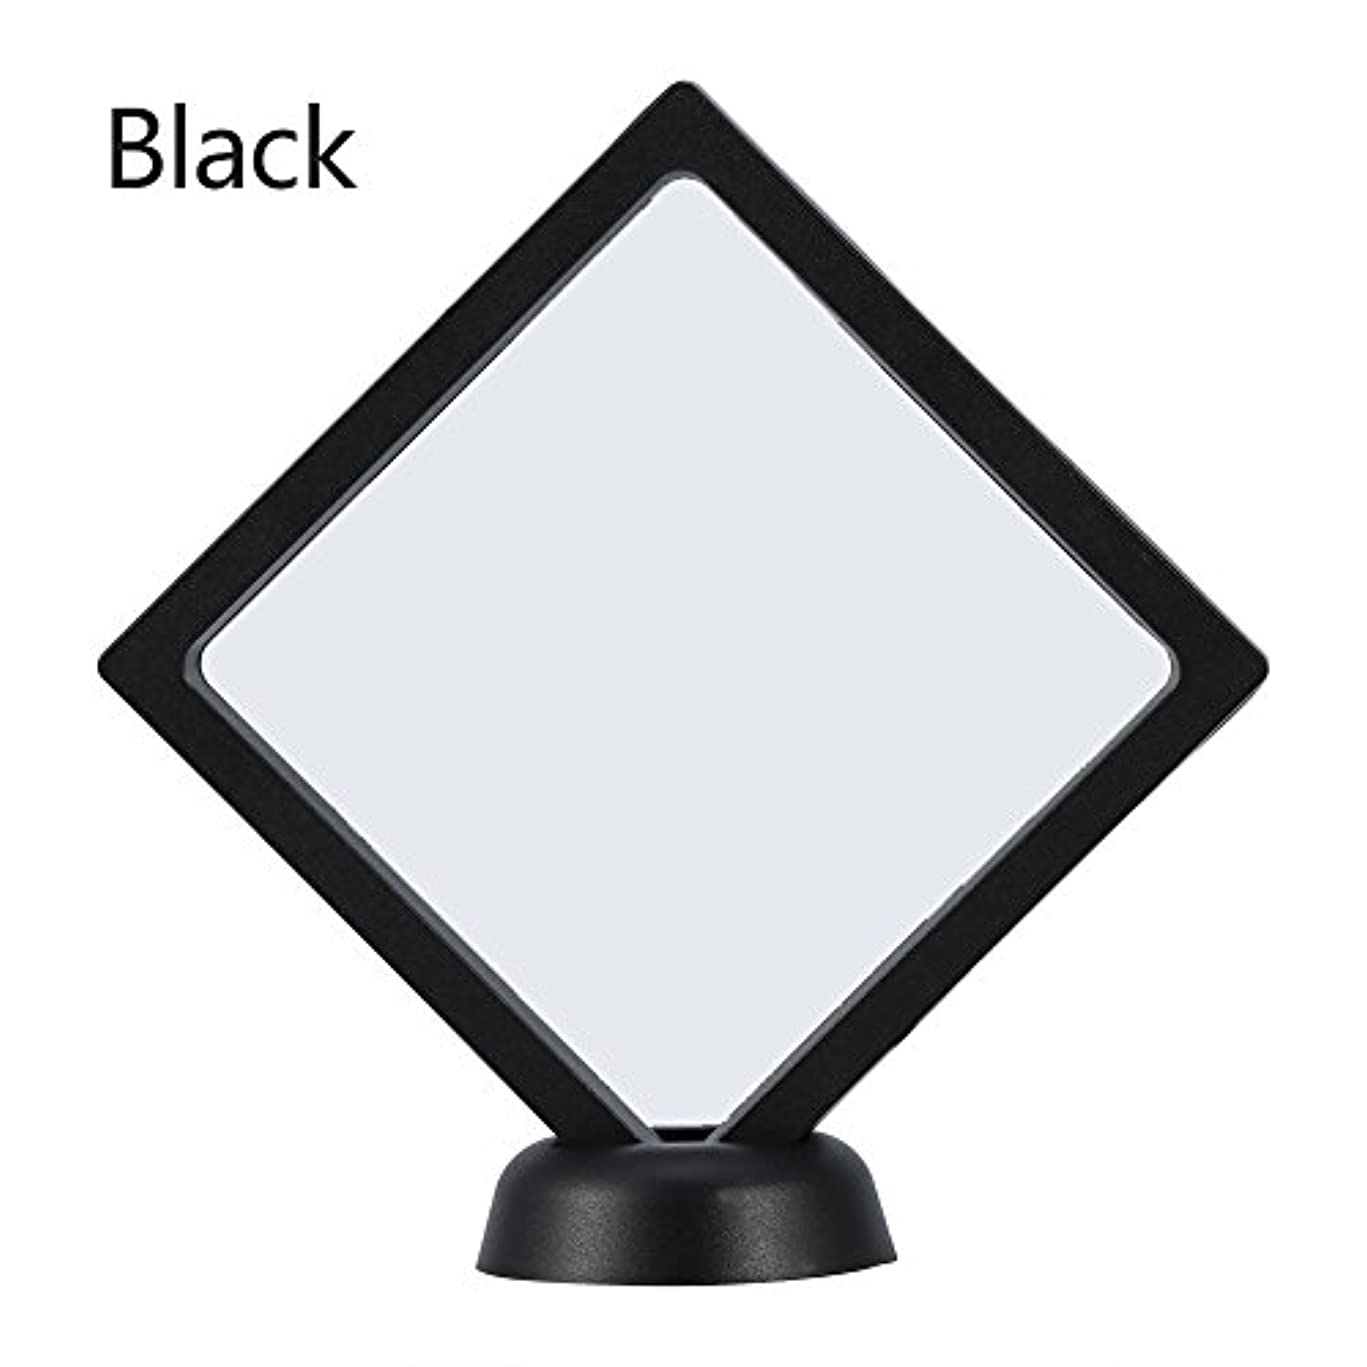 瀬戸際ひもモールアクリルネイルプレートとPETフィルムディスプレイスクリーン付きの2つのダイヤモンドネイルディスプレイスタンド - 4.3 4.3インチネイルホルダーツール(Black)